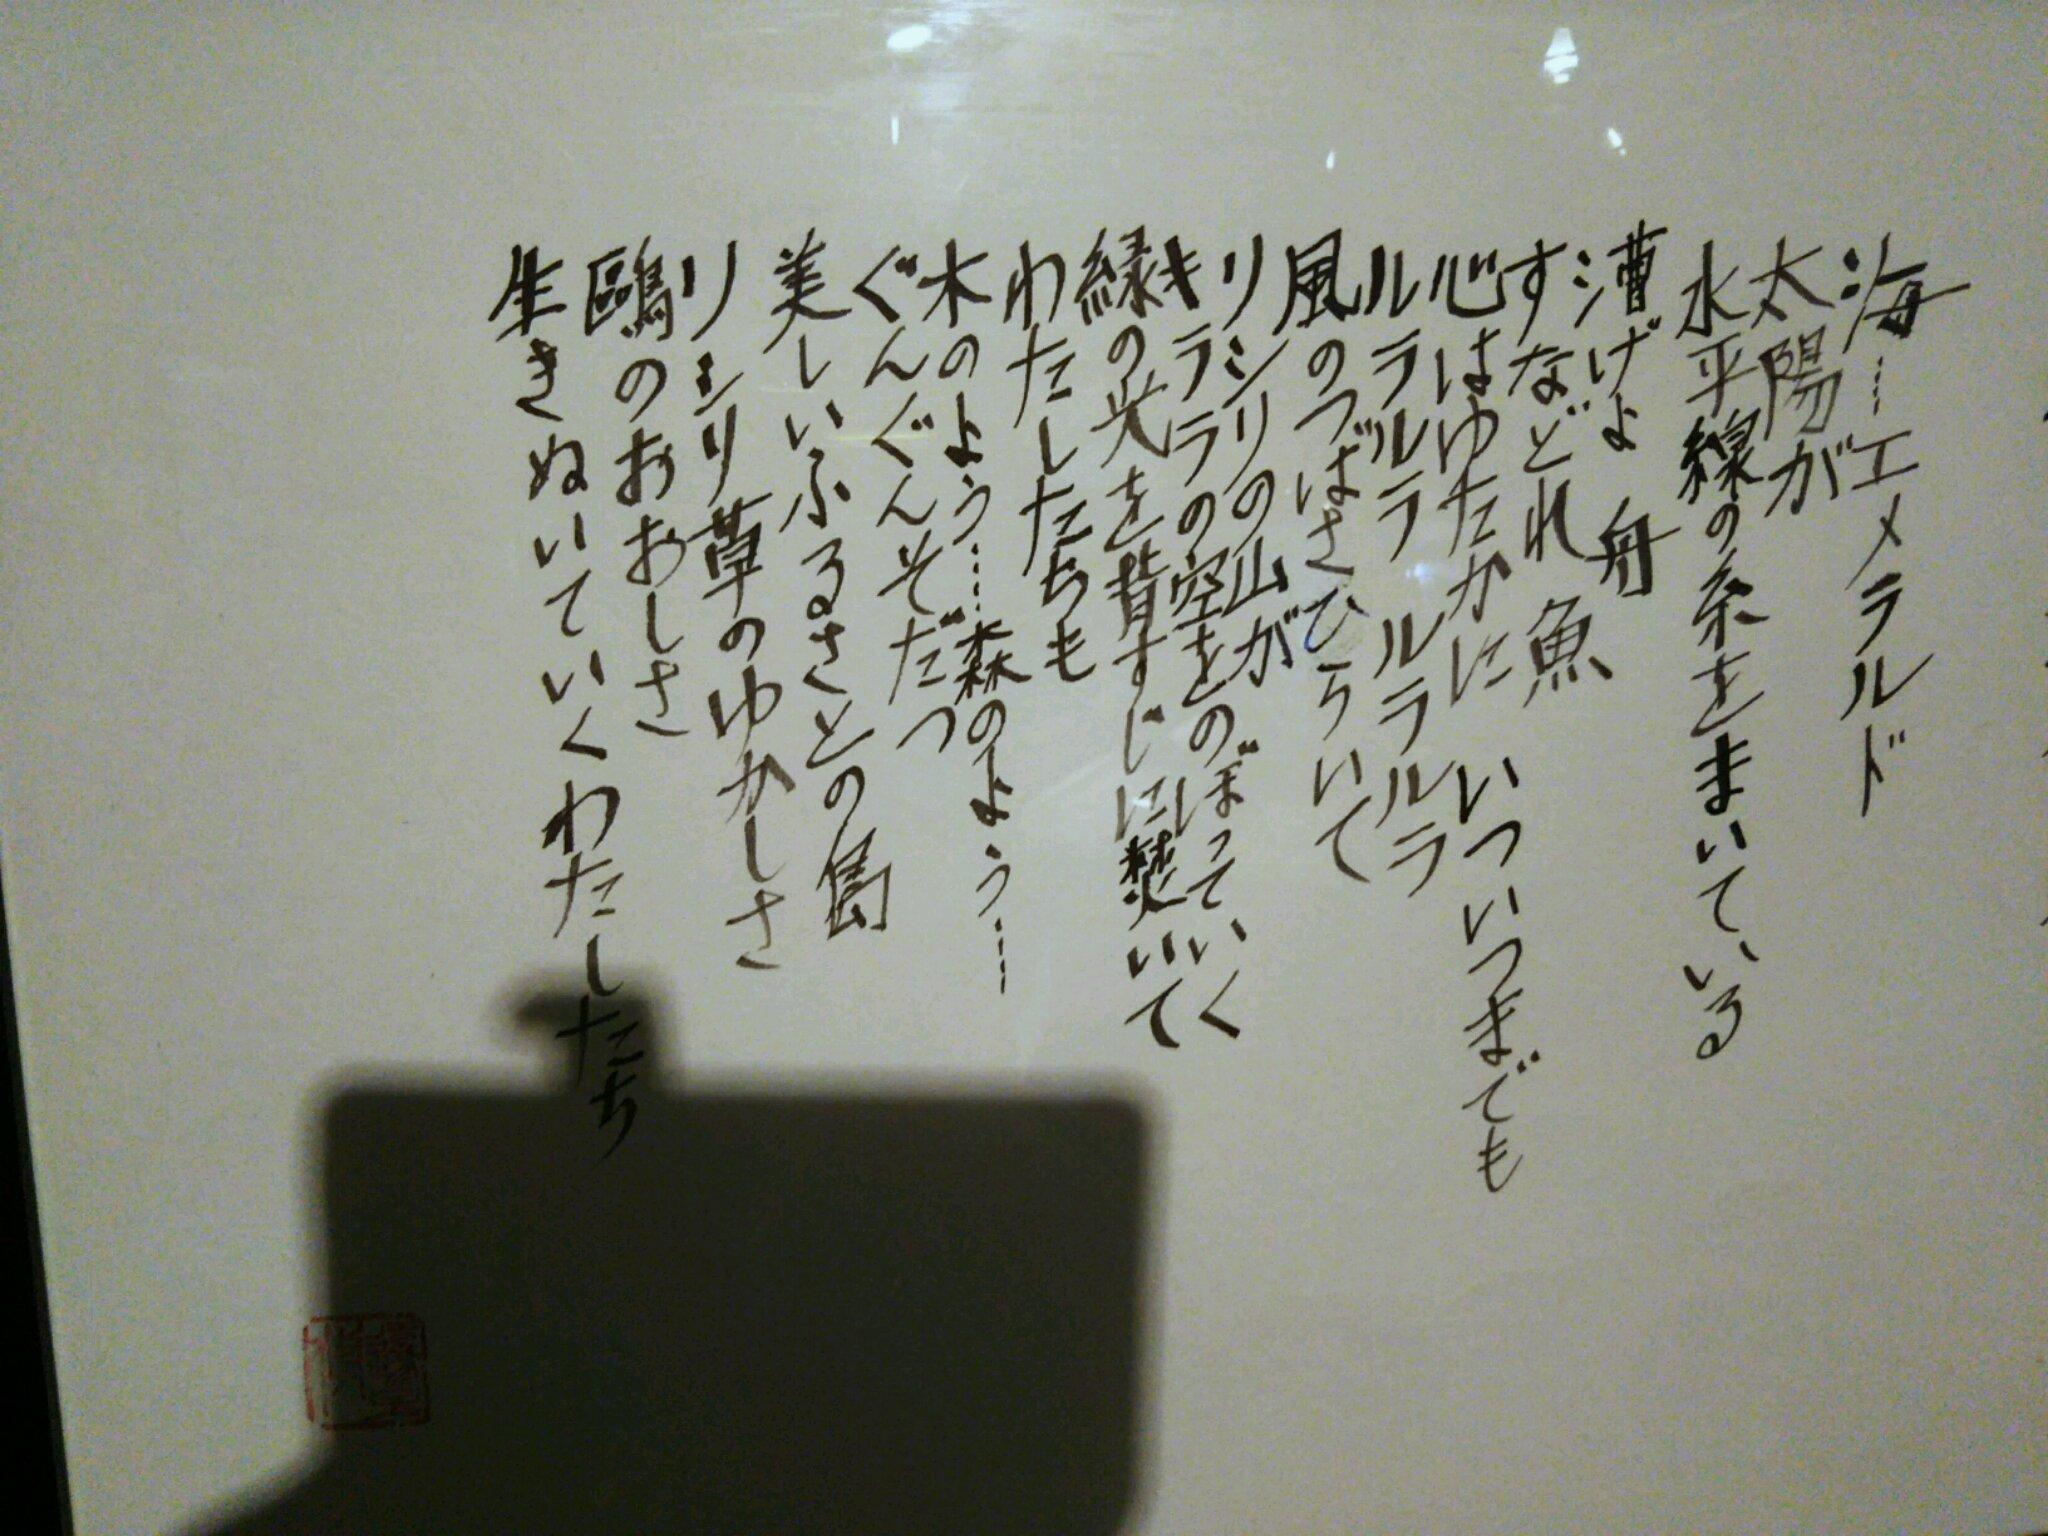 利尻島 島の駅にて